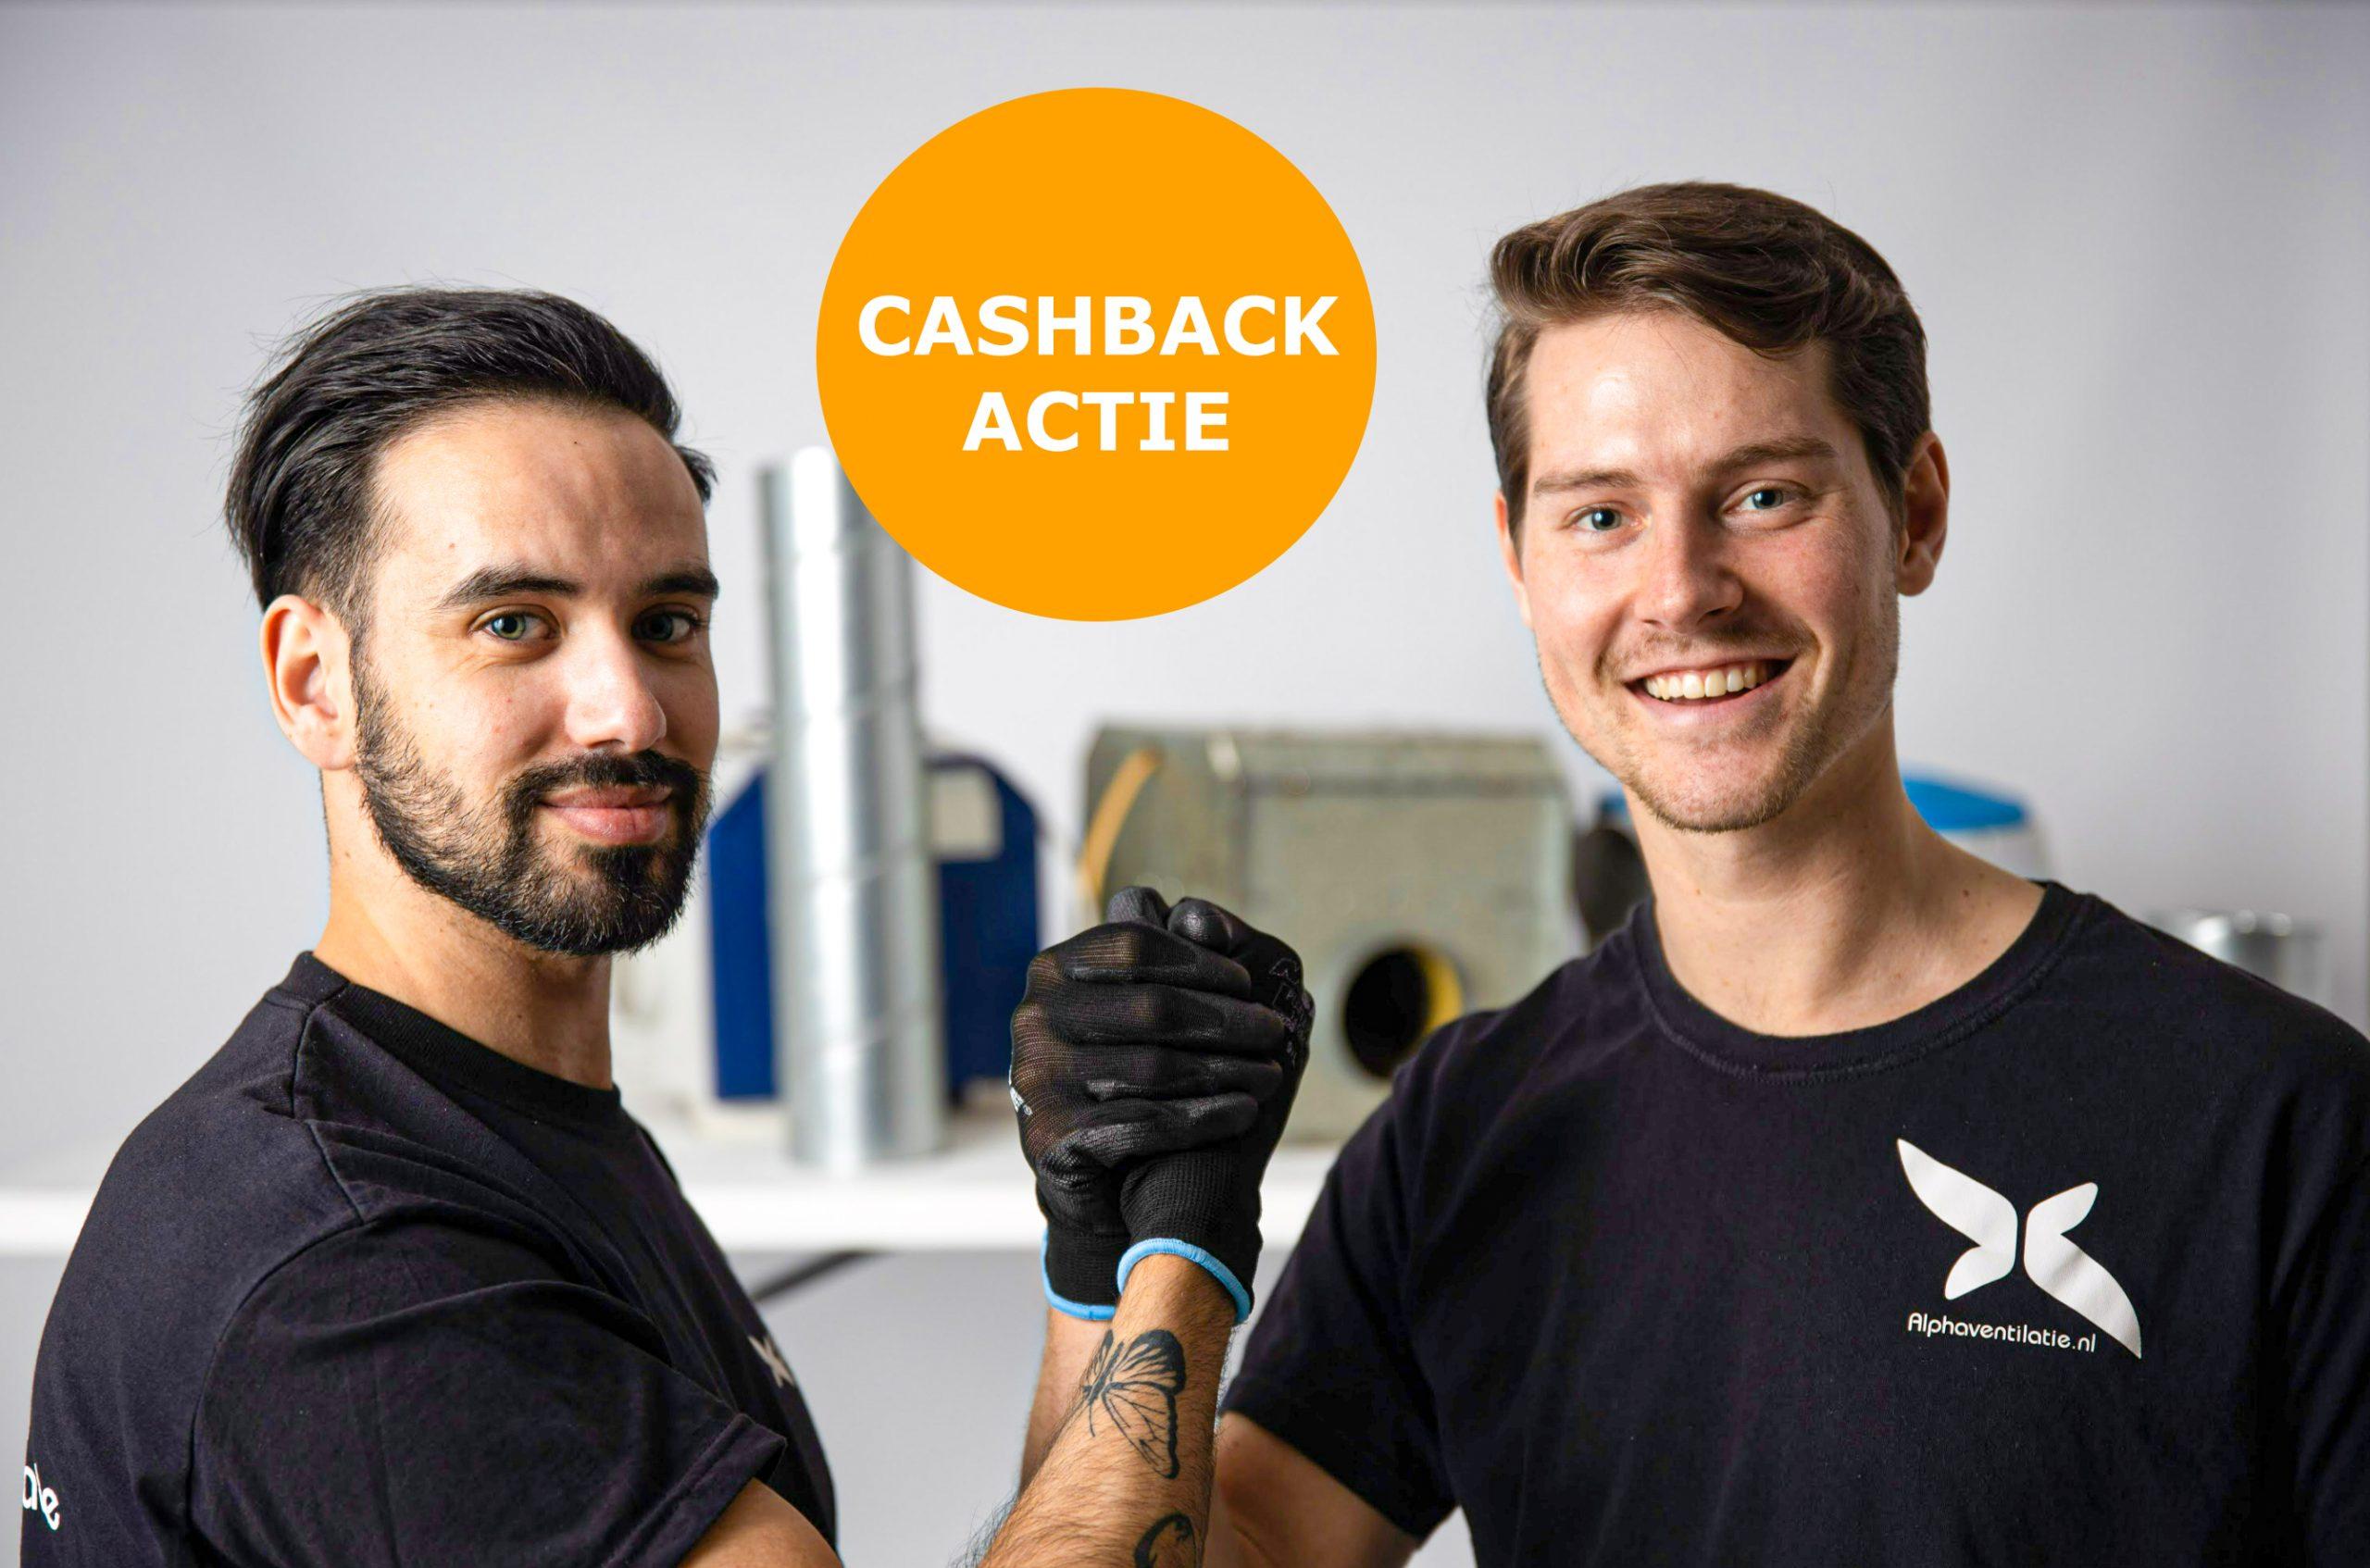 Cashback actie